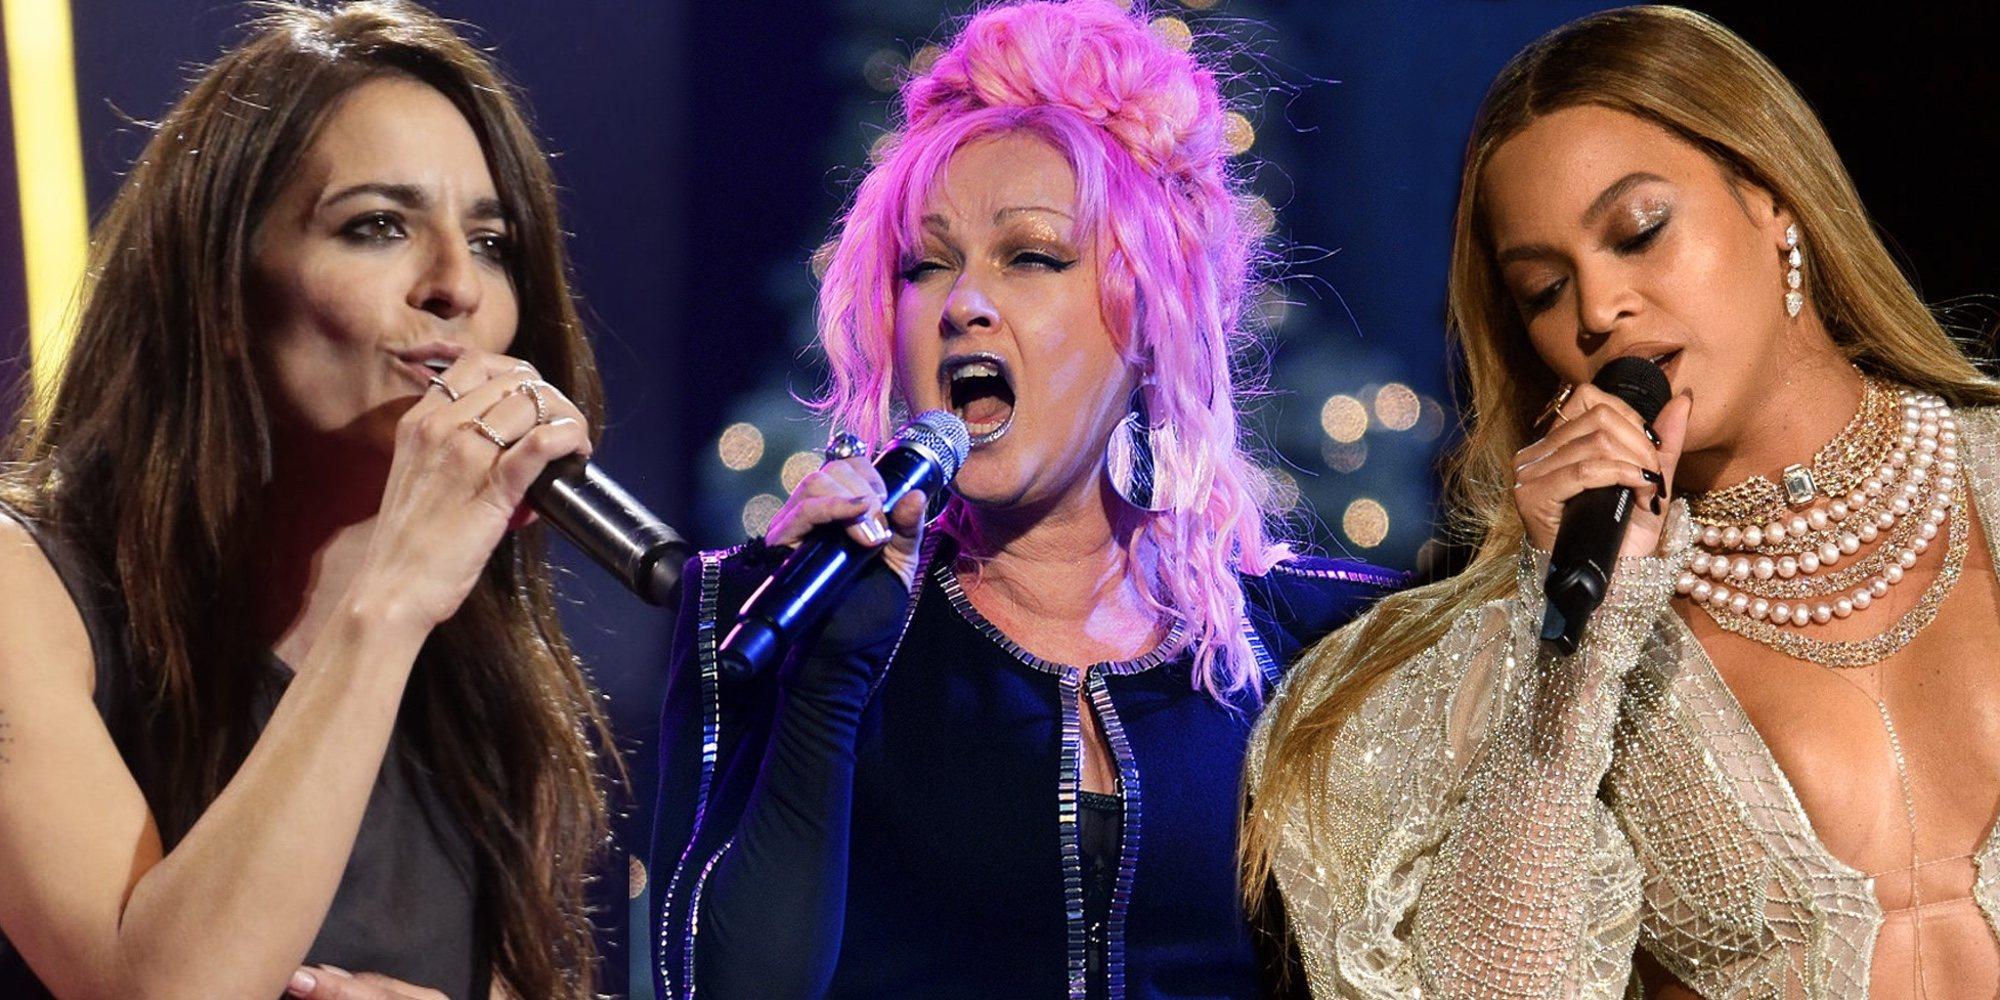 Estas Son Las 10 Canciones Cuyas Letras A Favor De Las Mujeres Las